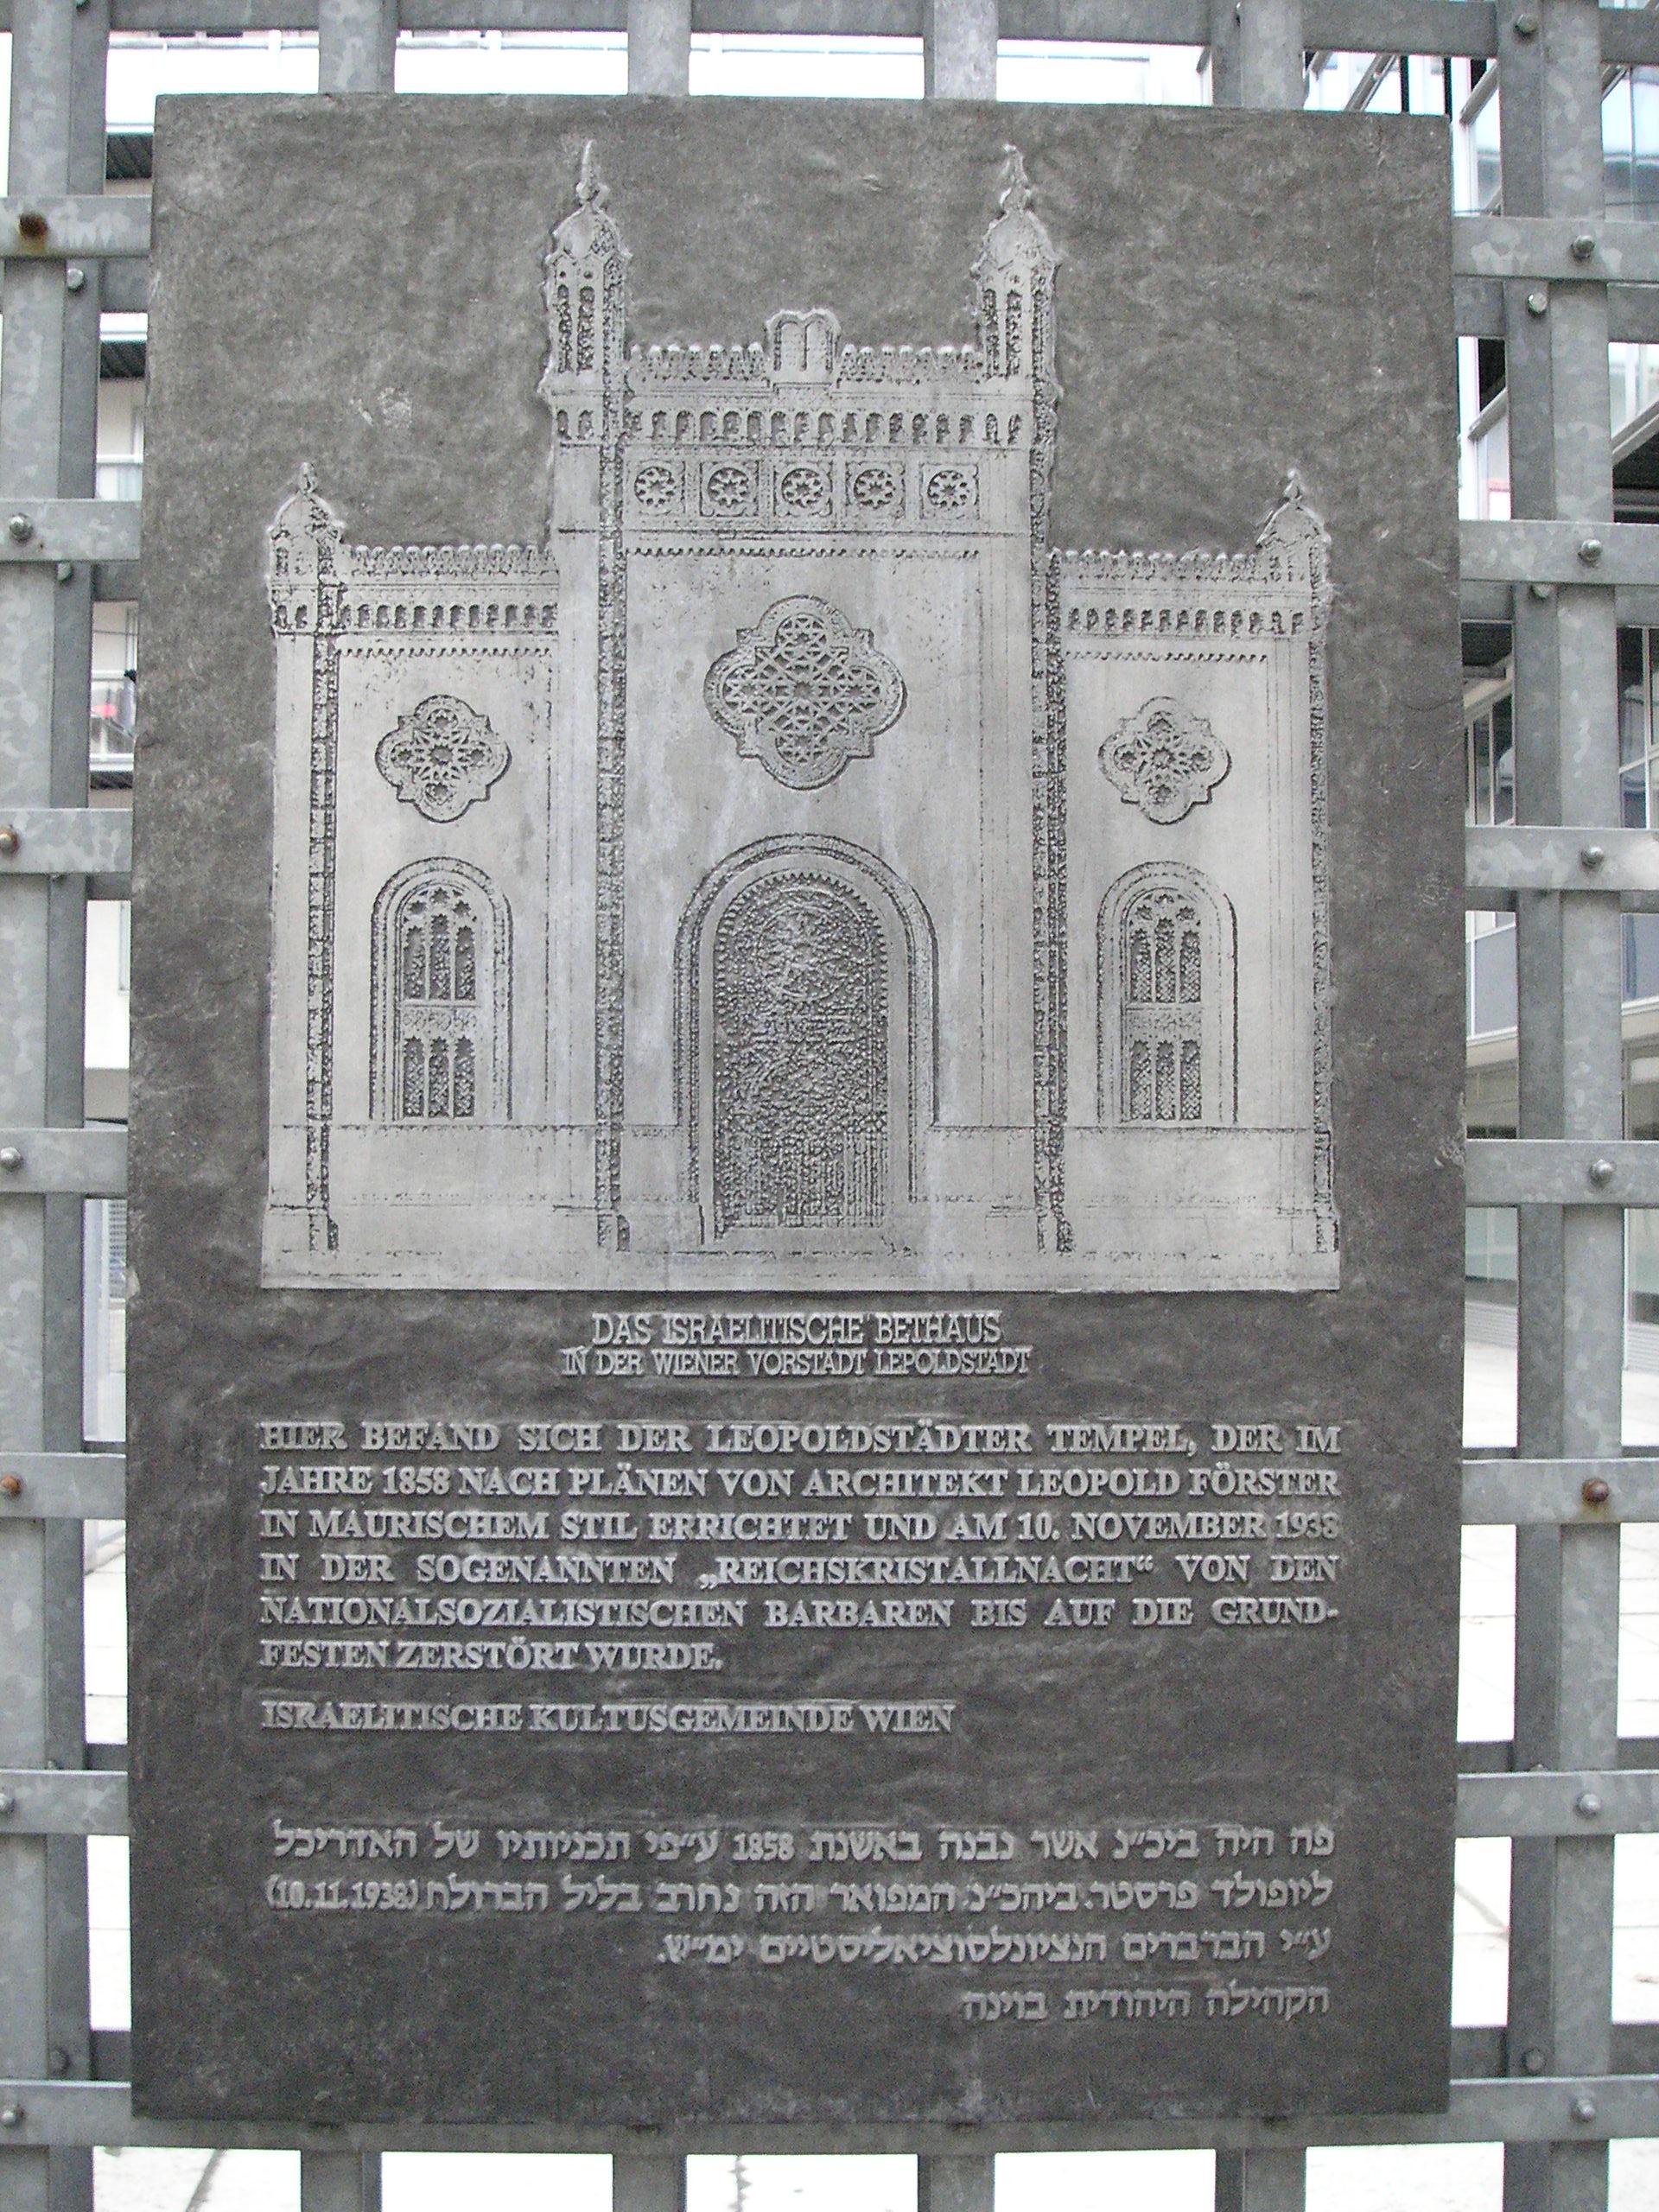 Leopoldstädter Tempel Gedenktafel, Vienna.jpg